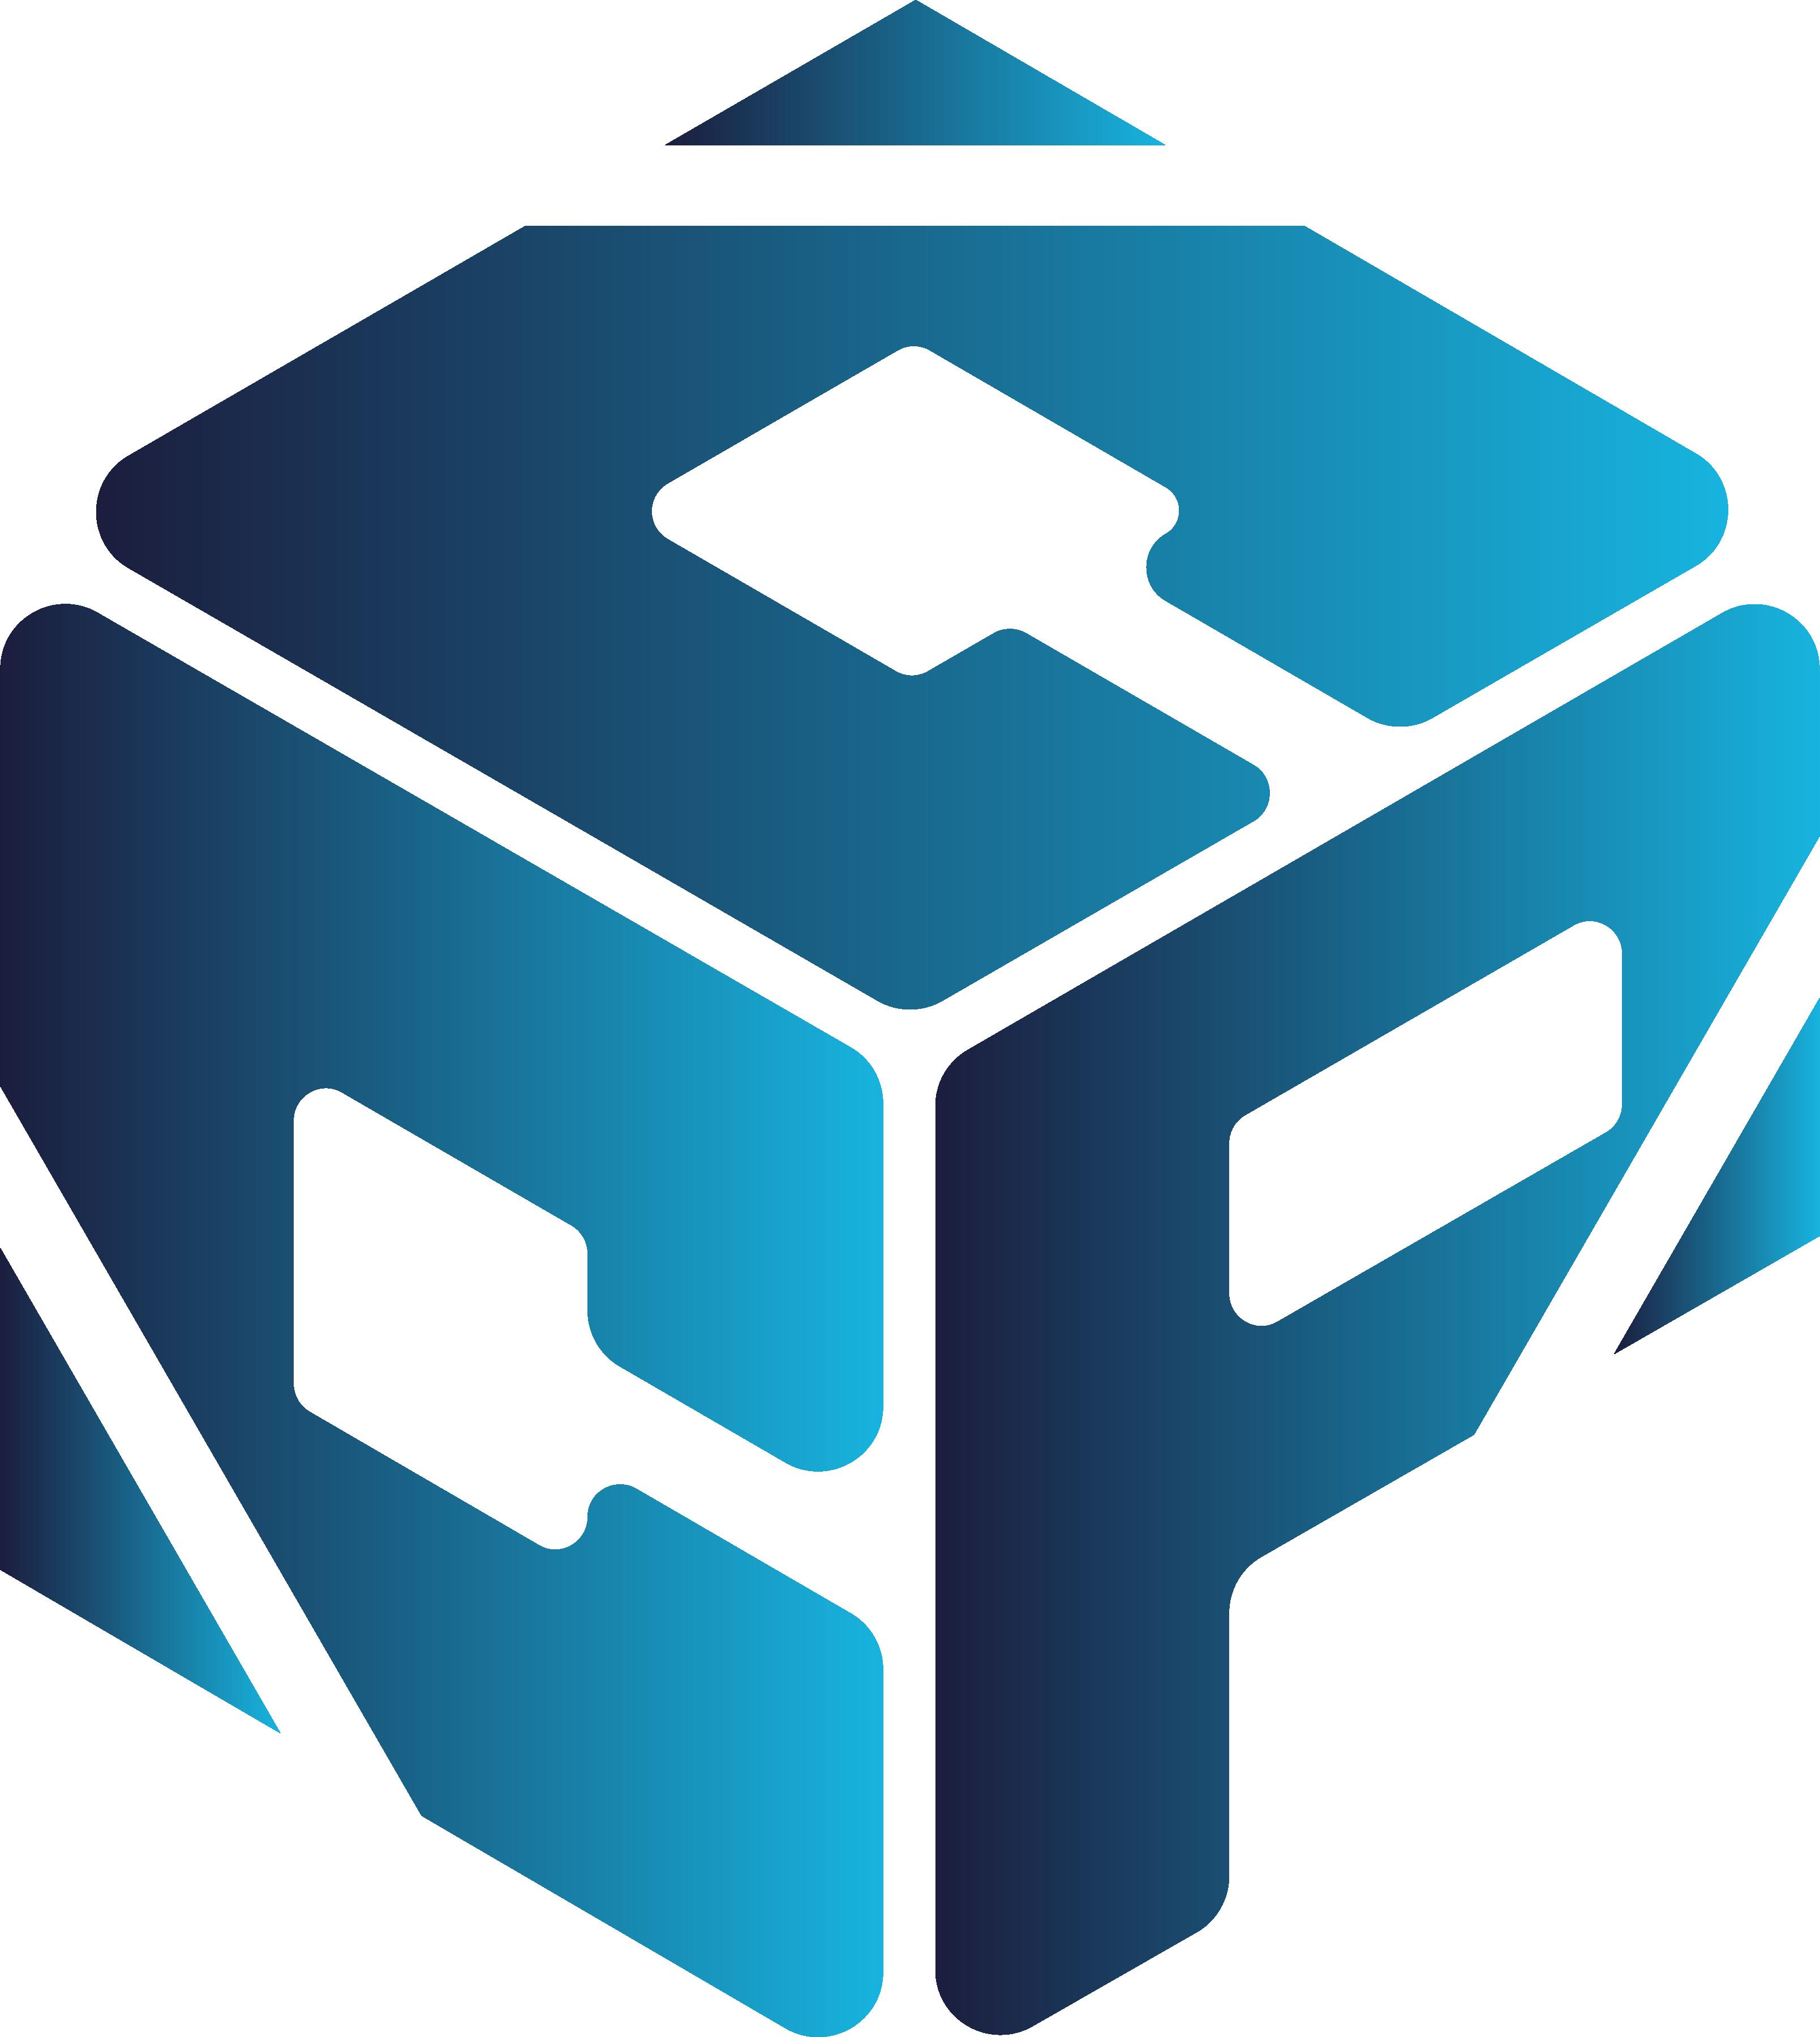 CubeCurve People